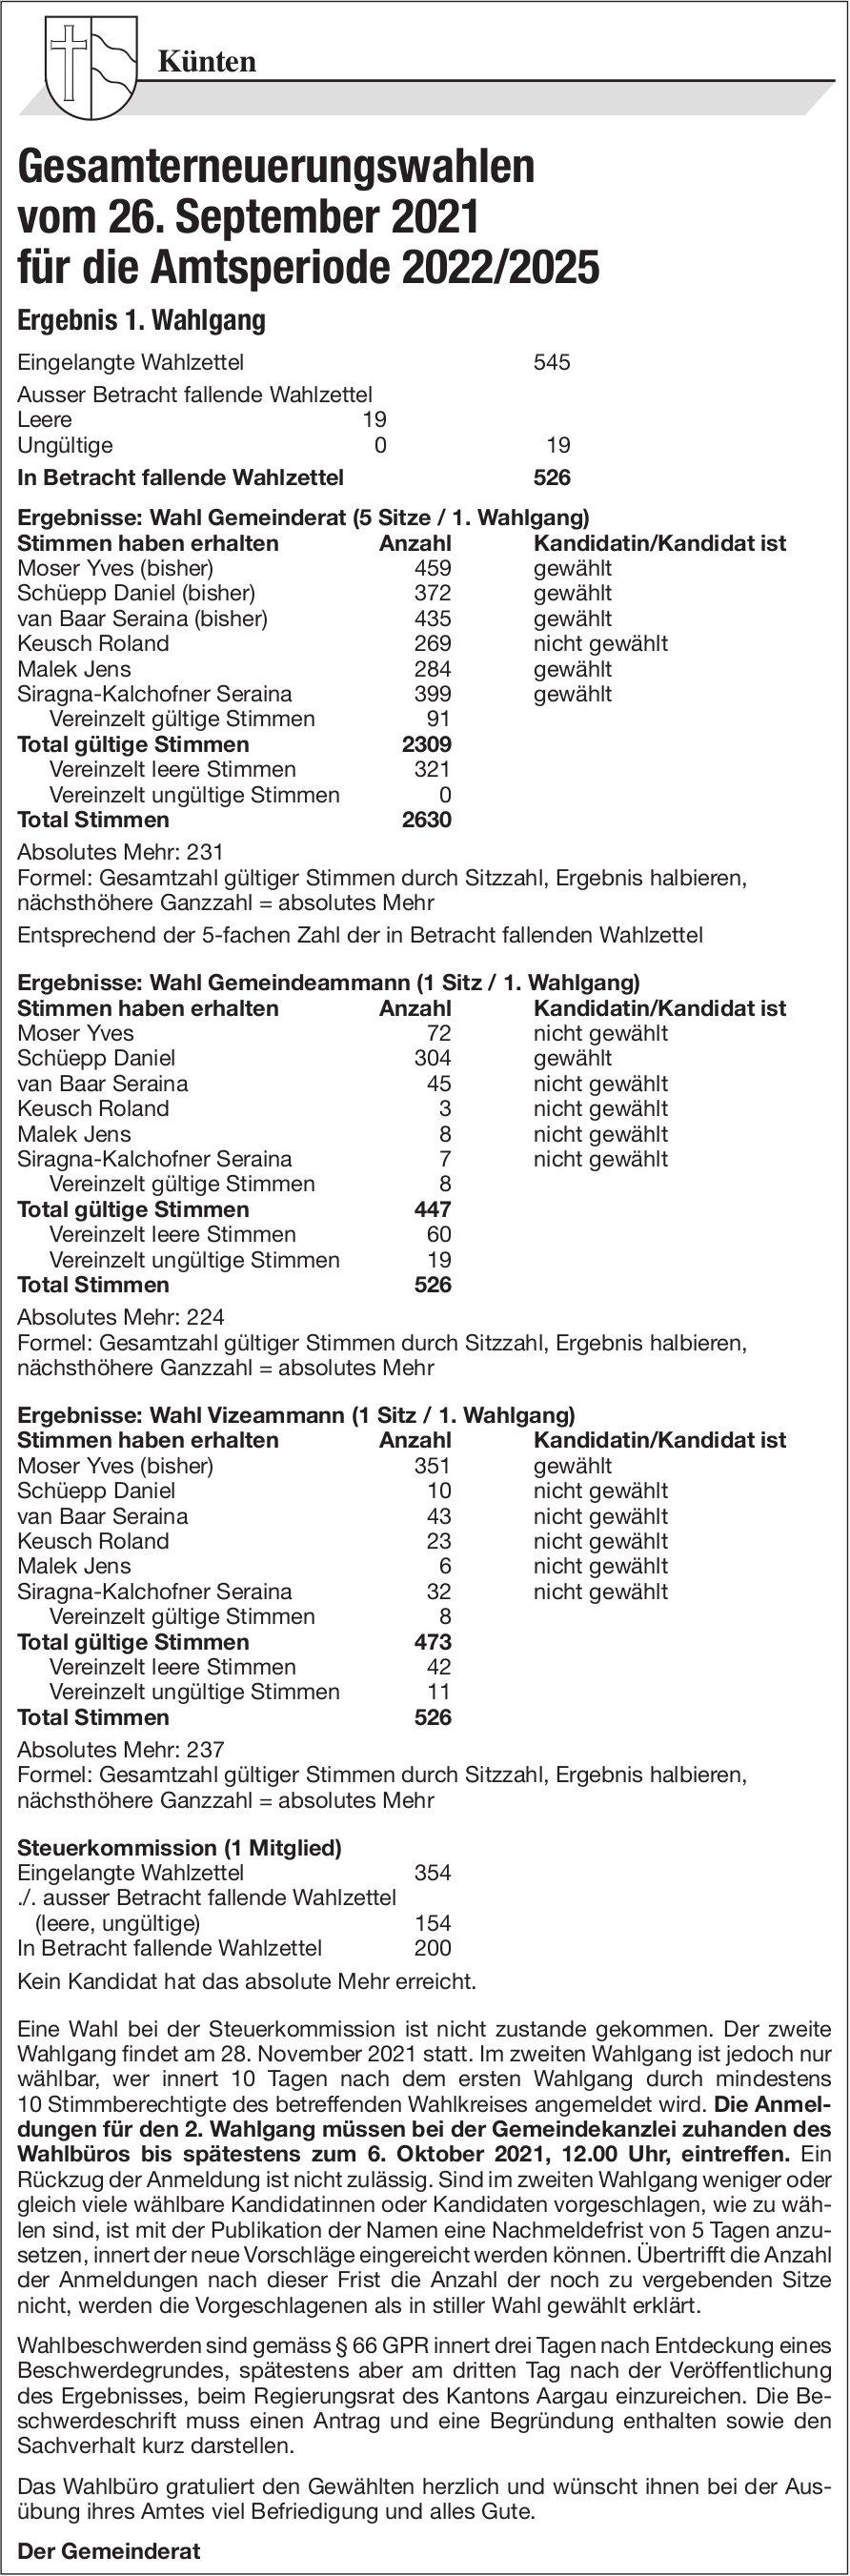 Künten - Gemeinde, Gesamterneuerungswahlen - Ergebnis 1. Wahlgang